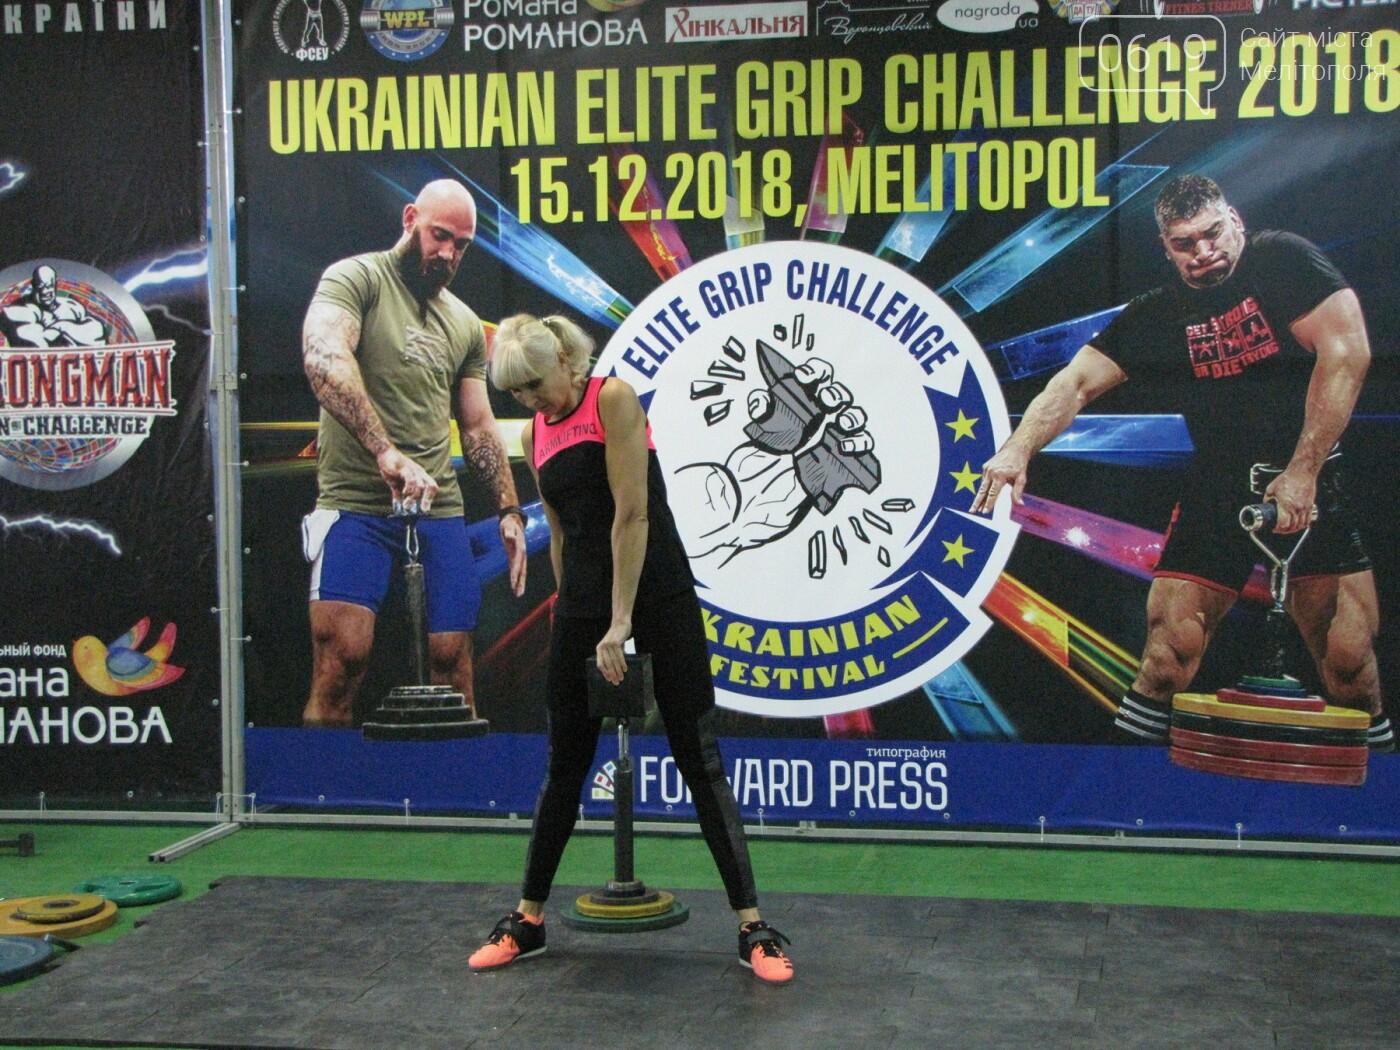 В Мелитополе сильнейшие атлеты соревновались в силе хвата, фото-24